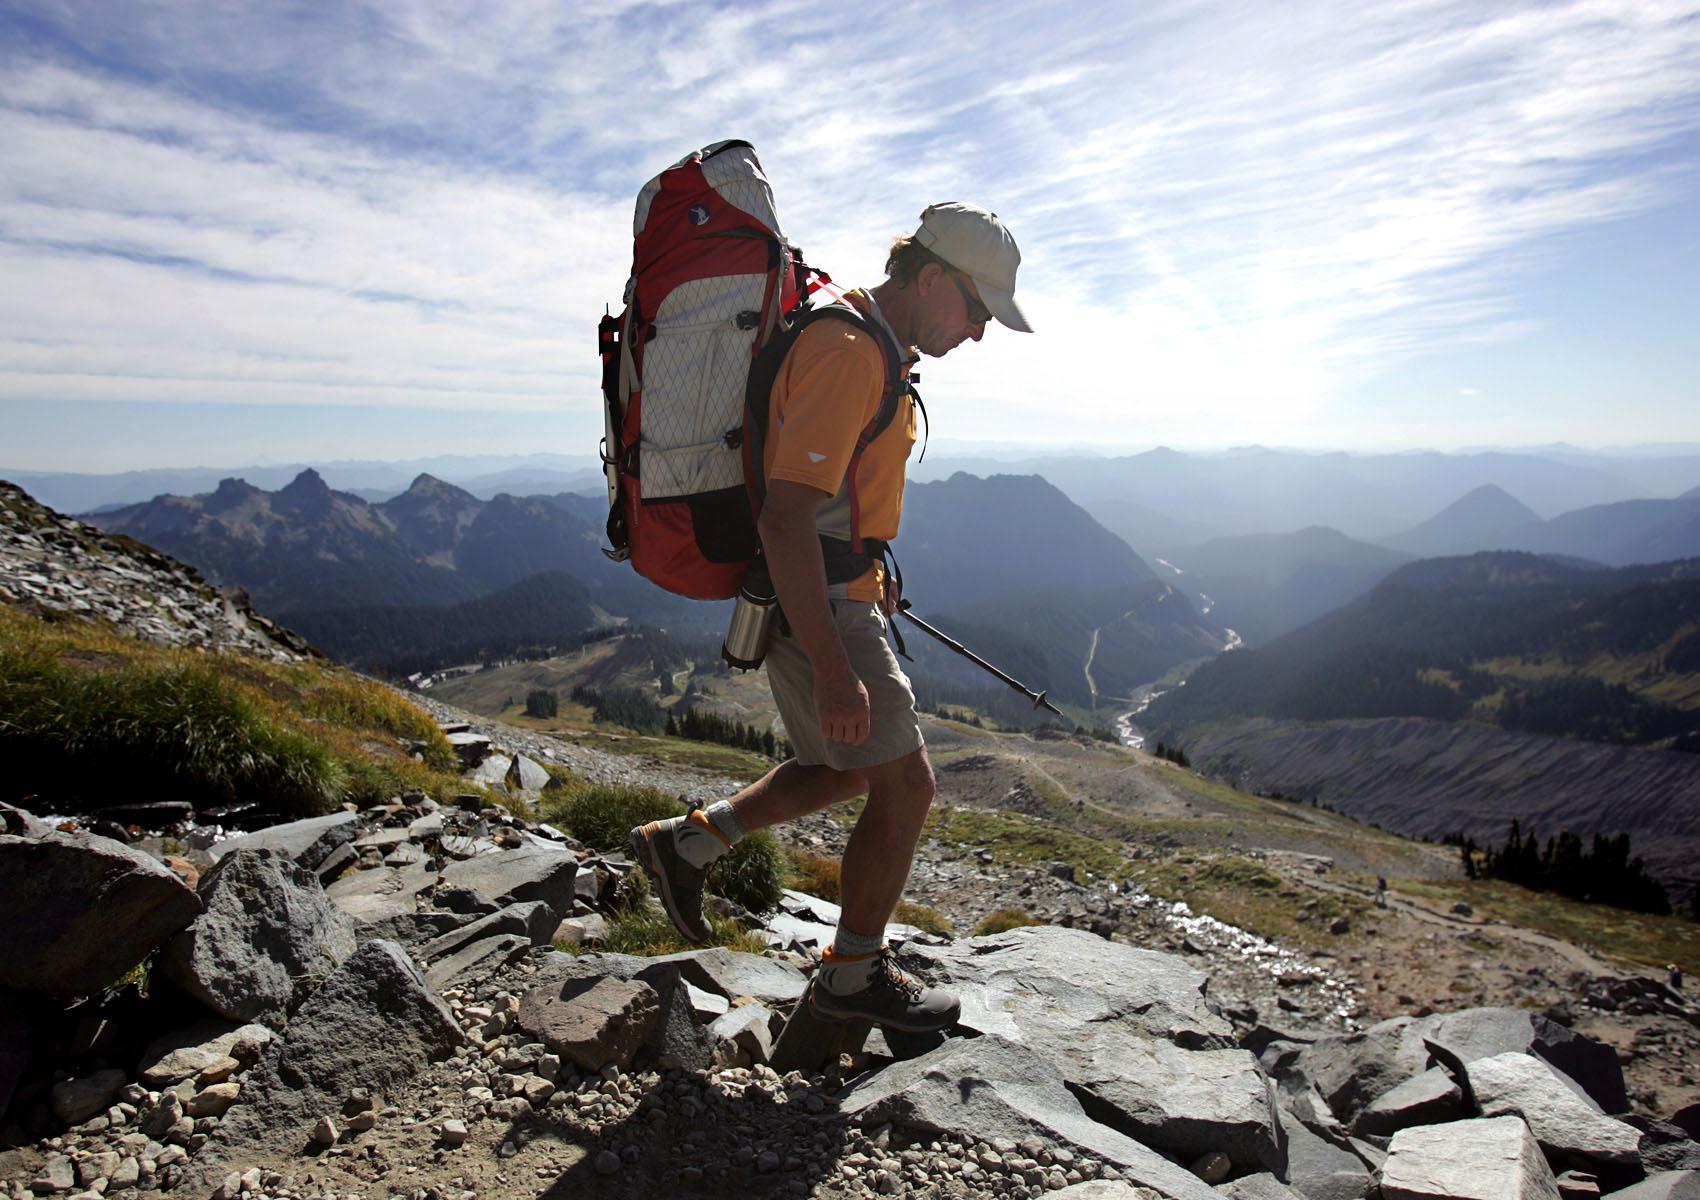 Ed Viesturs hikes on Mount Rainier.